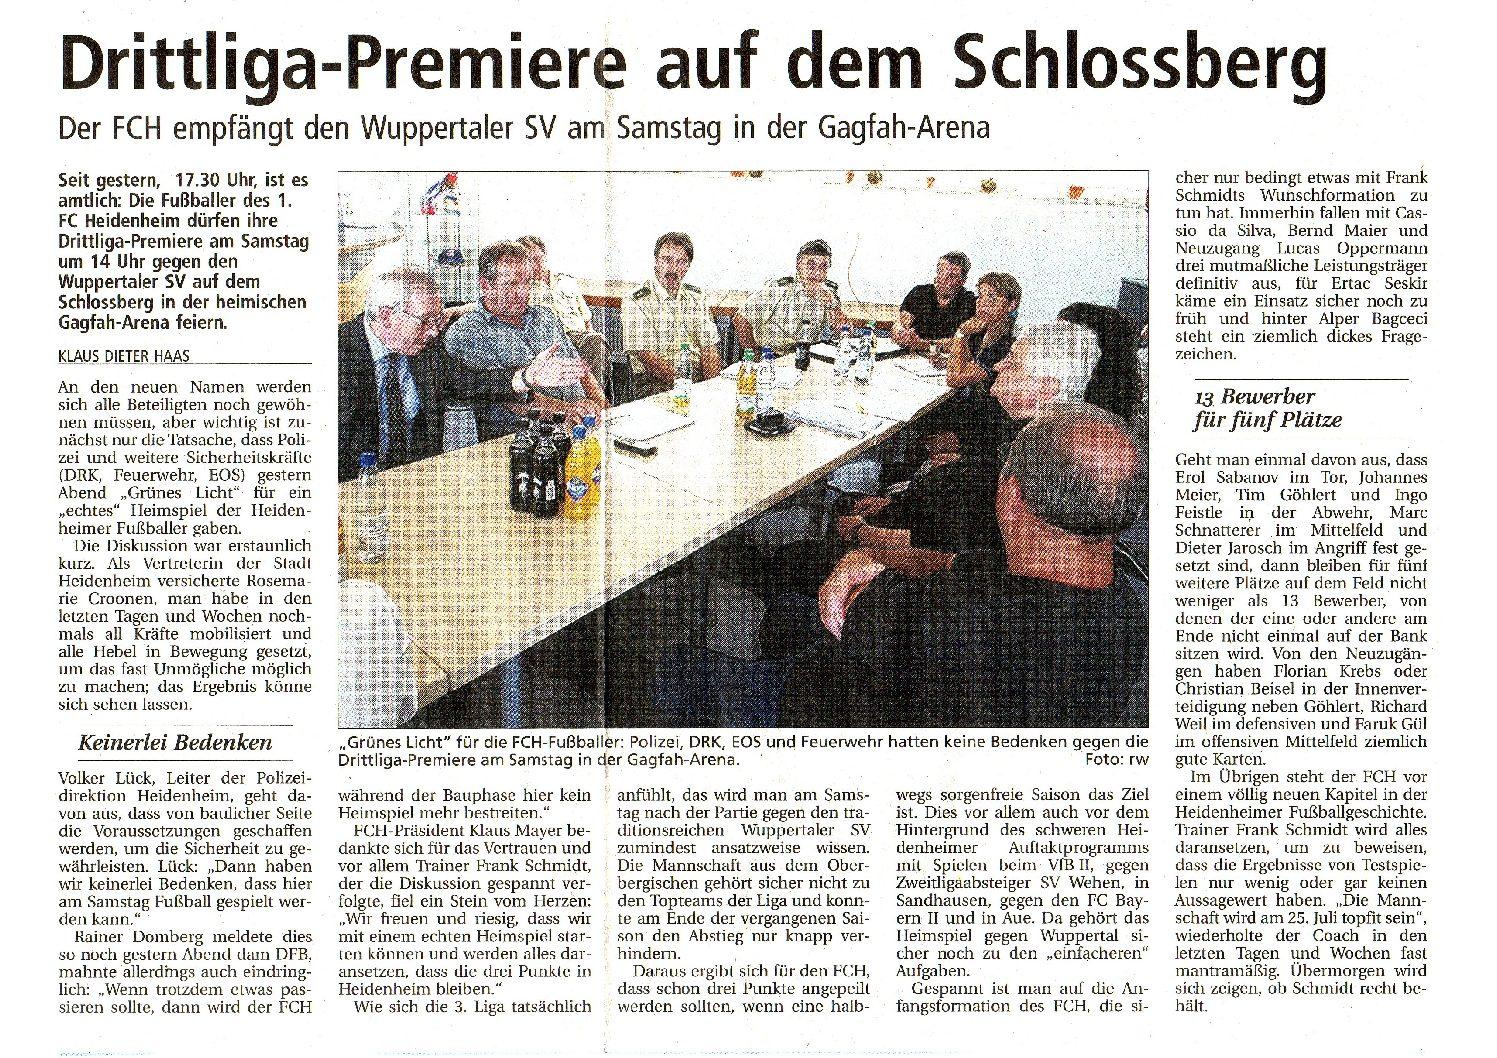 Drittliga-Premiere auf dem Schlossberg